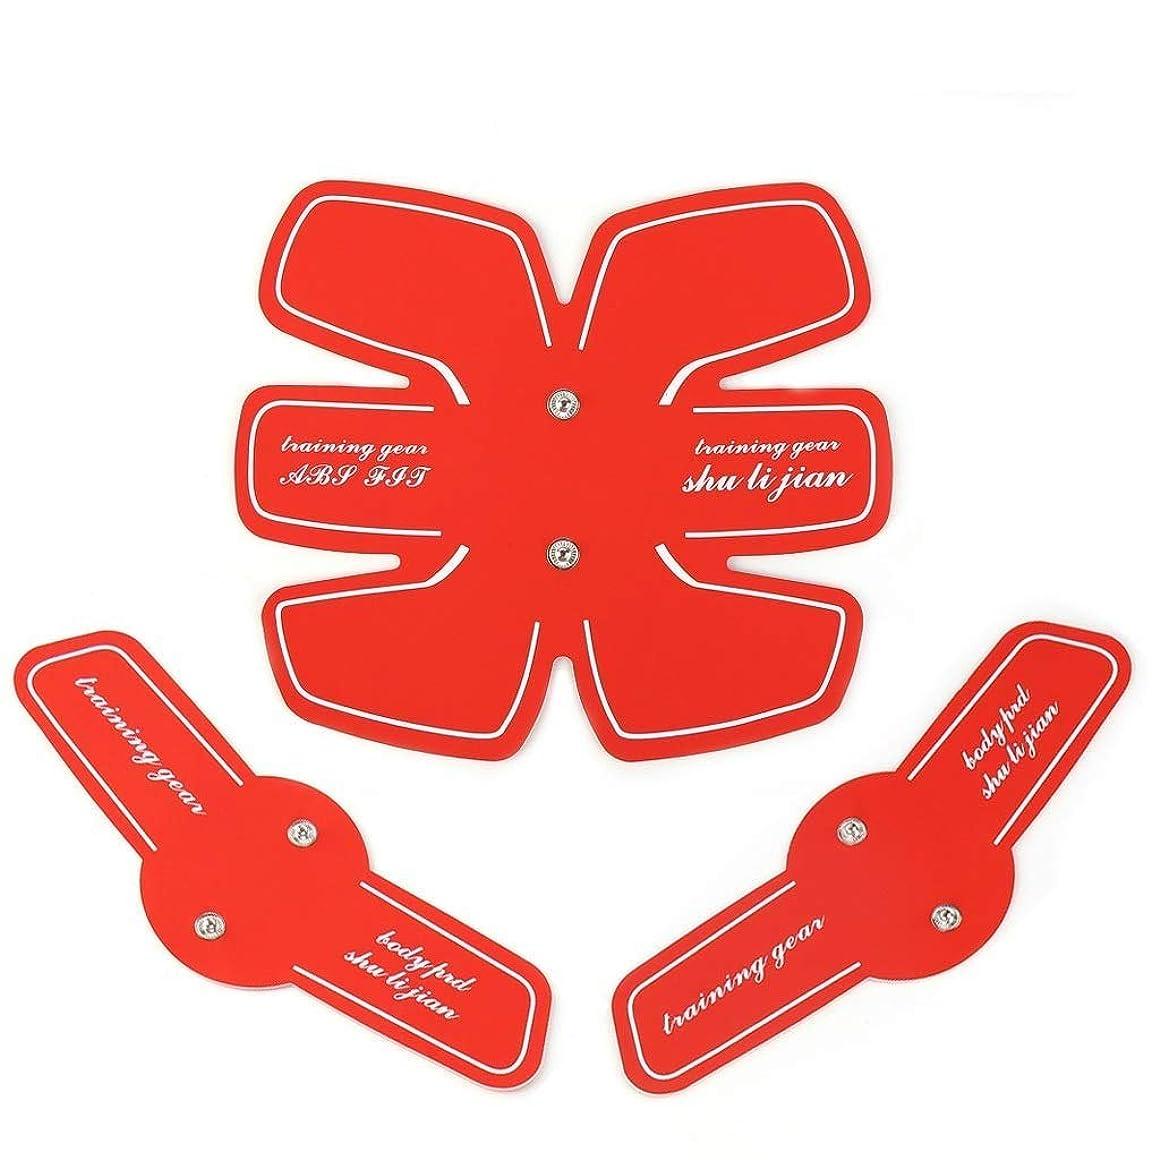 展望台モルヒネ倫理的フィットネス腹筋刺激装置トレーナーEMS筋肉トナー筋肉刺激剤腹部調色用ベルト、ホームオフィスUSB充電エクササイズ腹部/腕/脚腹部マッサージ (Color : RED)